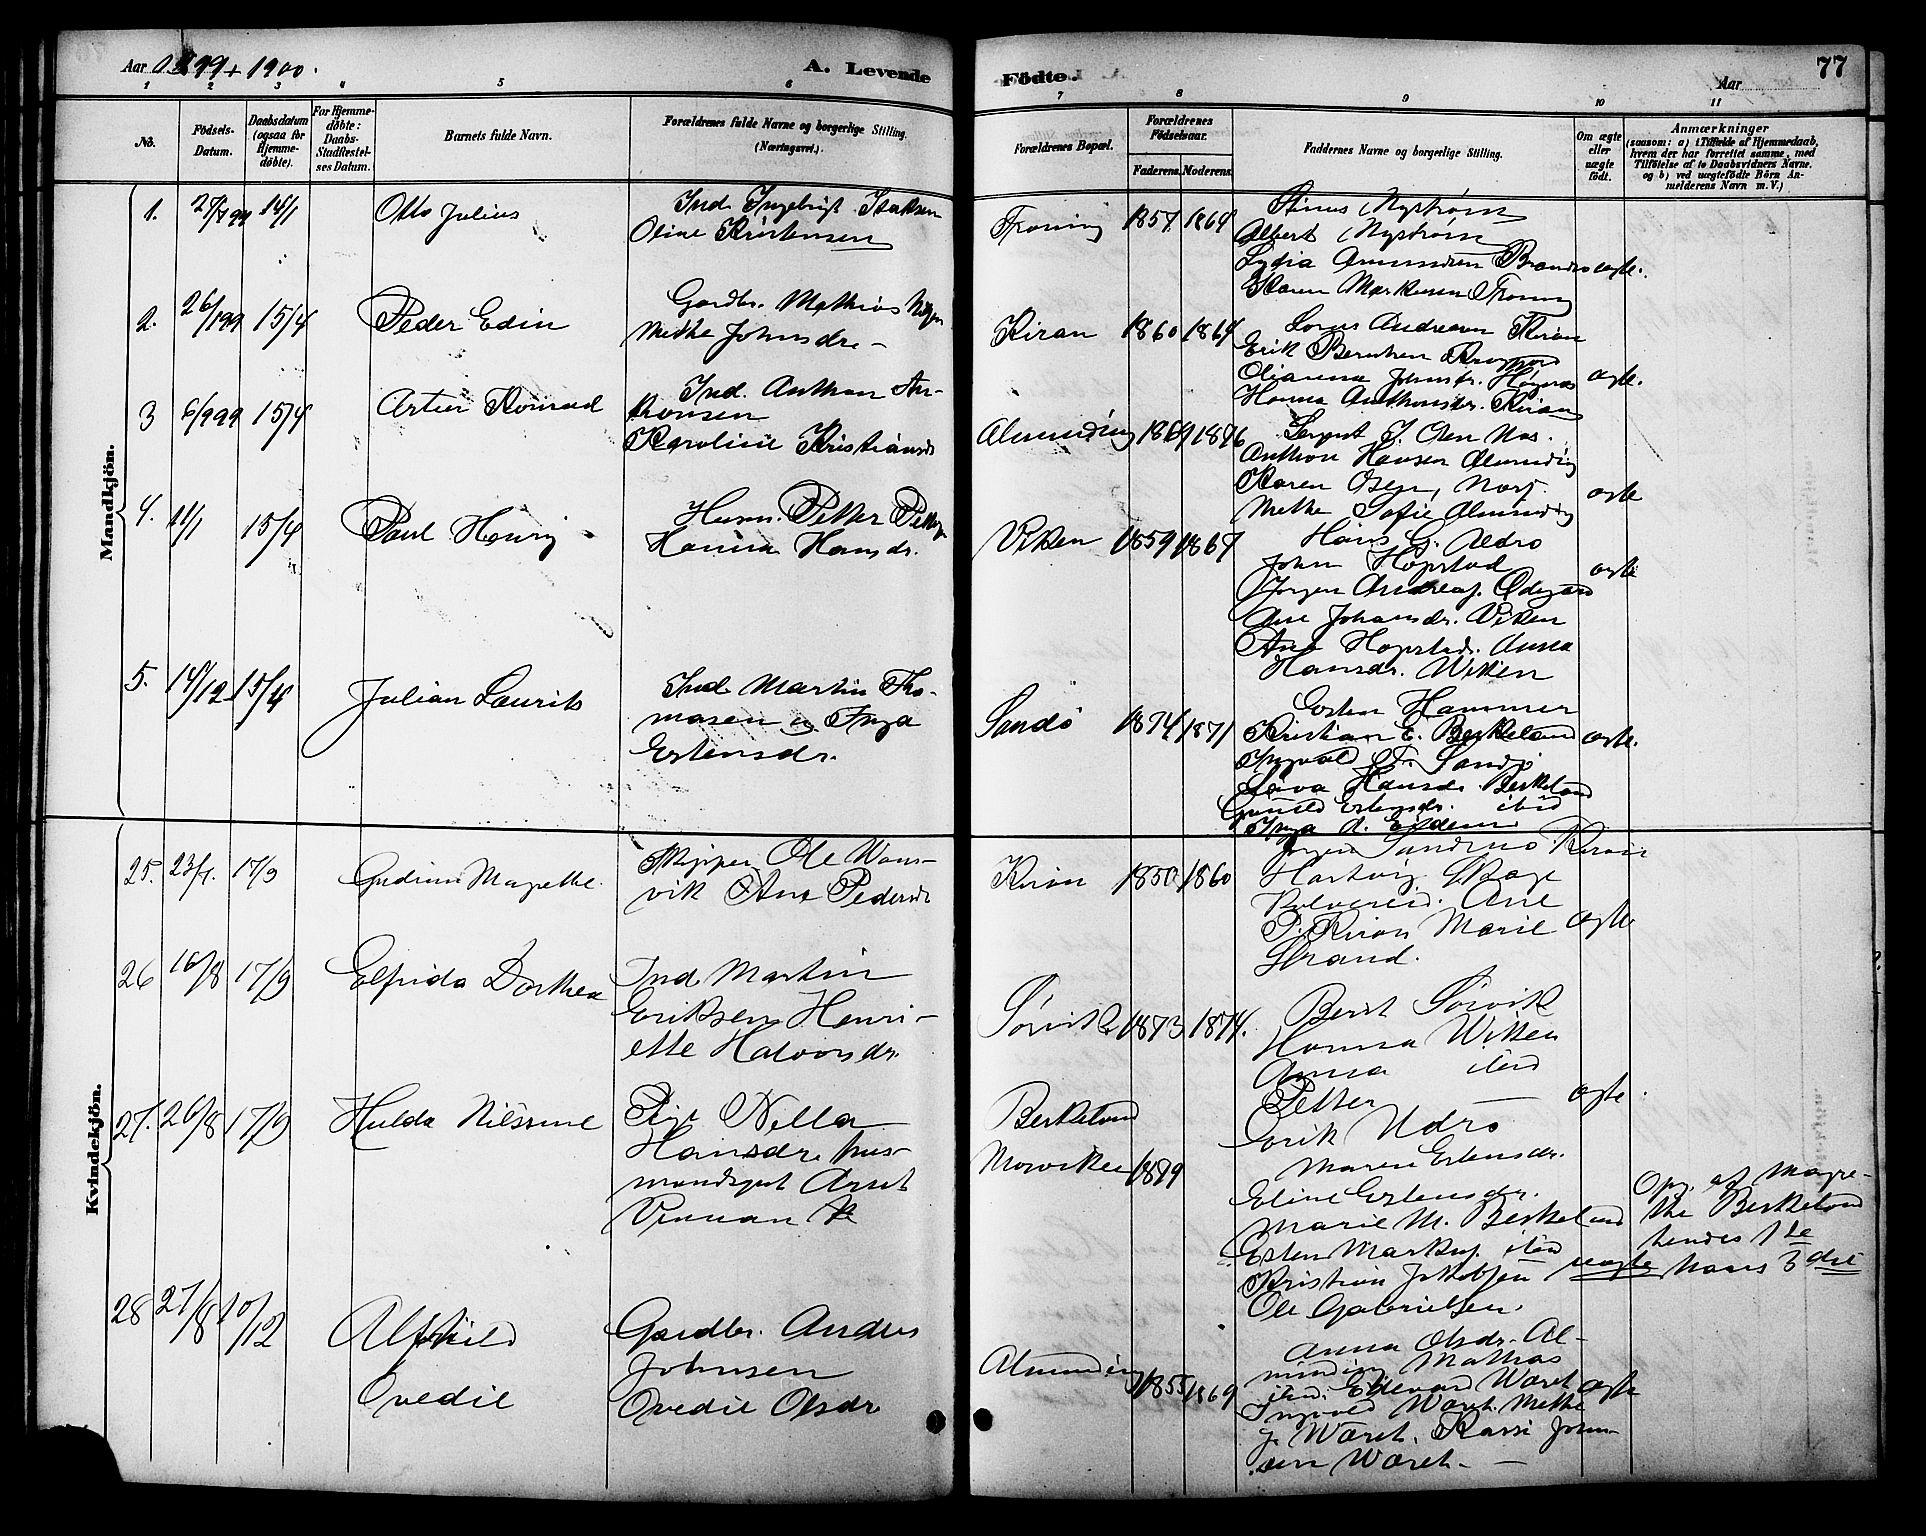 SAT, Ministerialprotokoller, klokkerbøker og fødselsregistre - Sør-Trøndelag, 657/L0716: Klokkerbok nr. 657C03, 1889-1904, s. 77